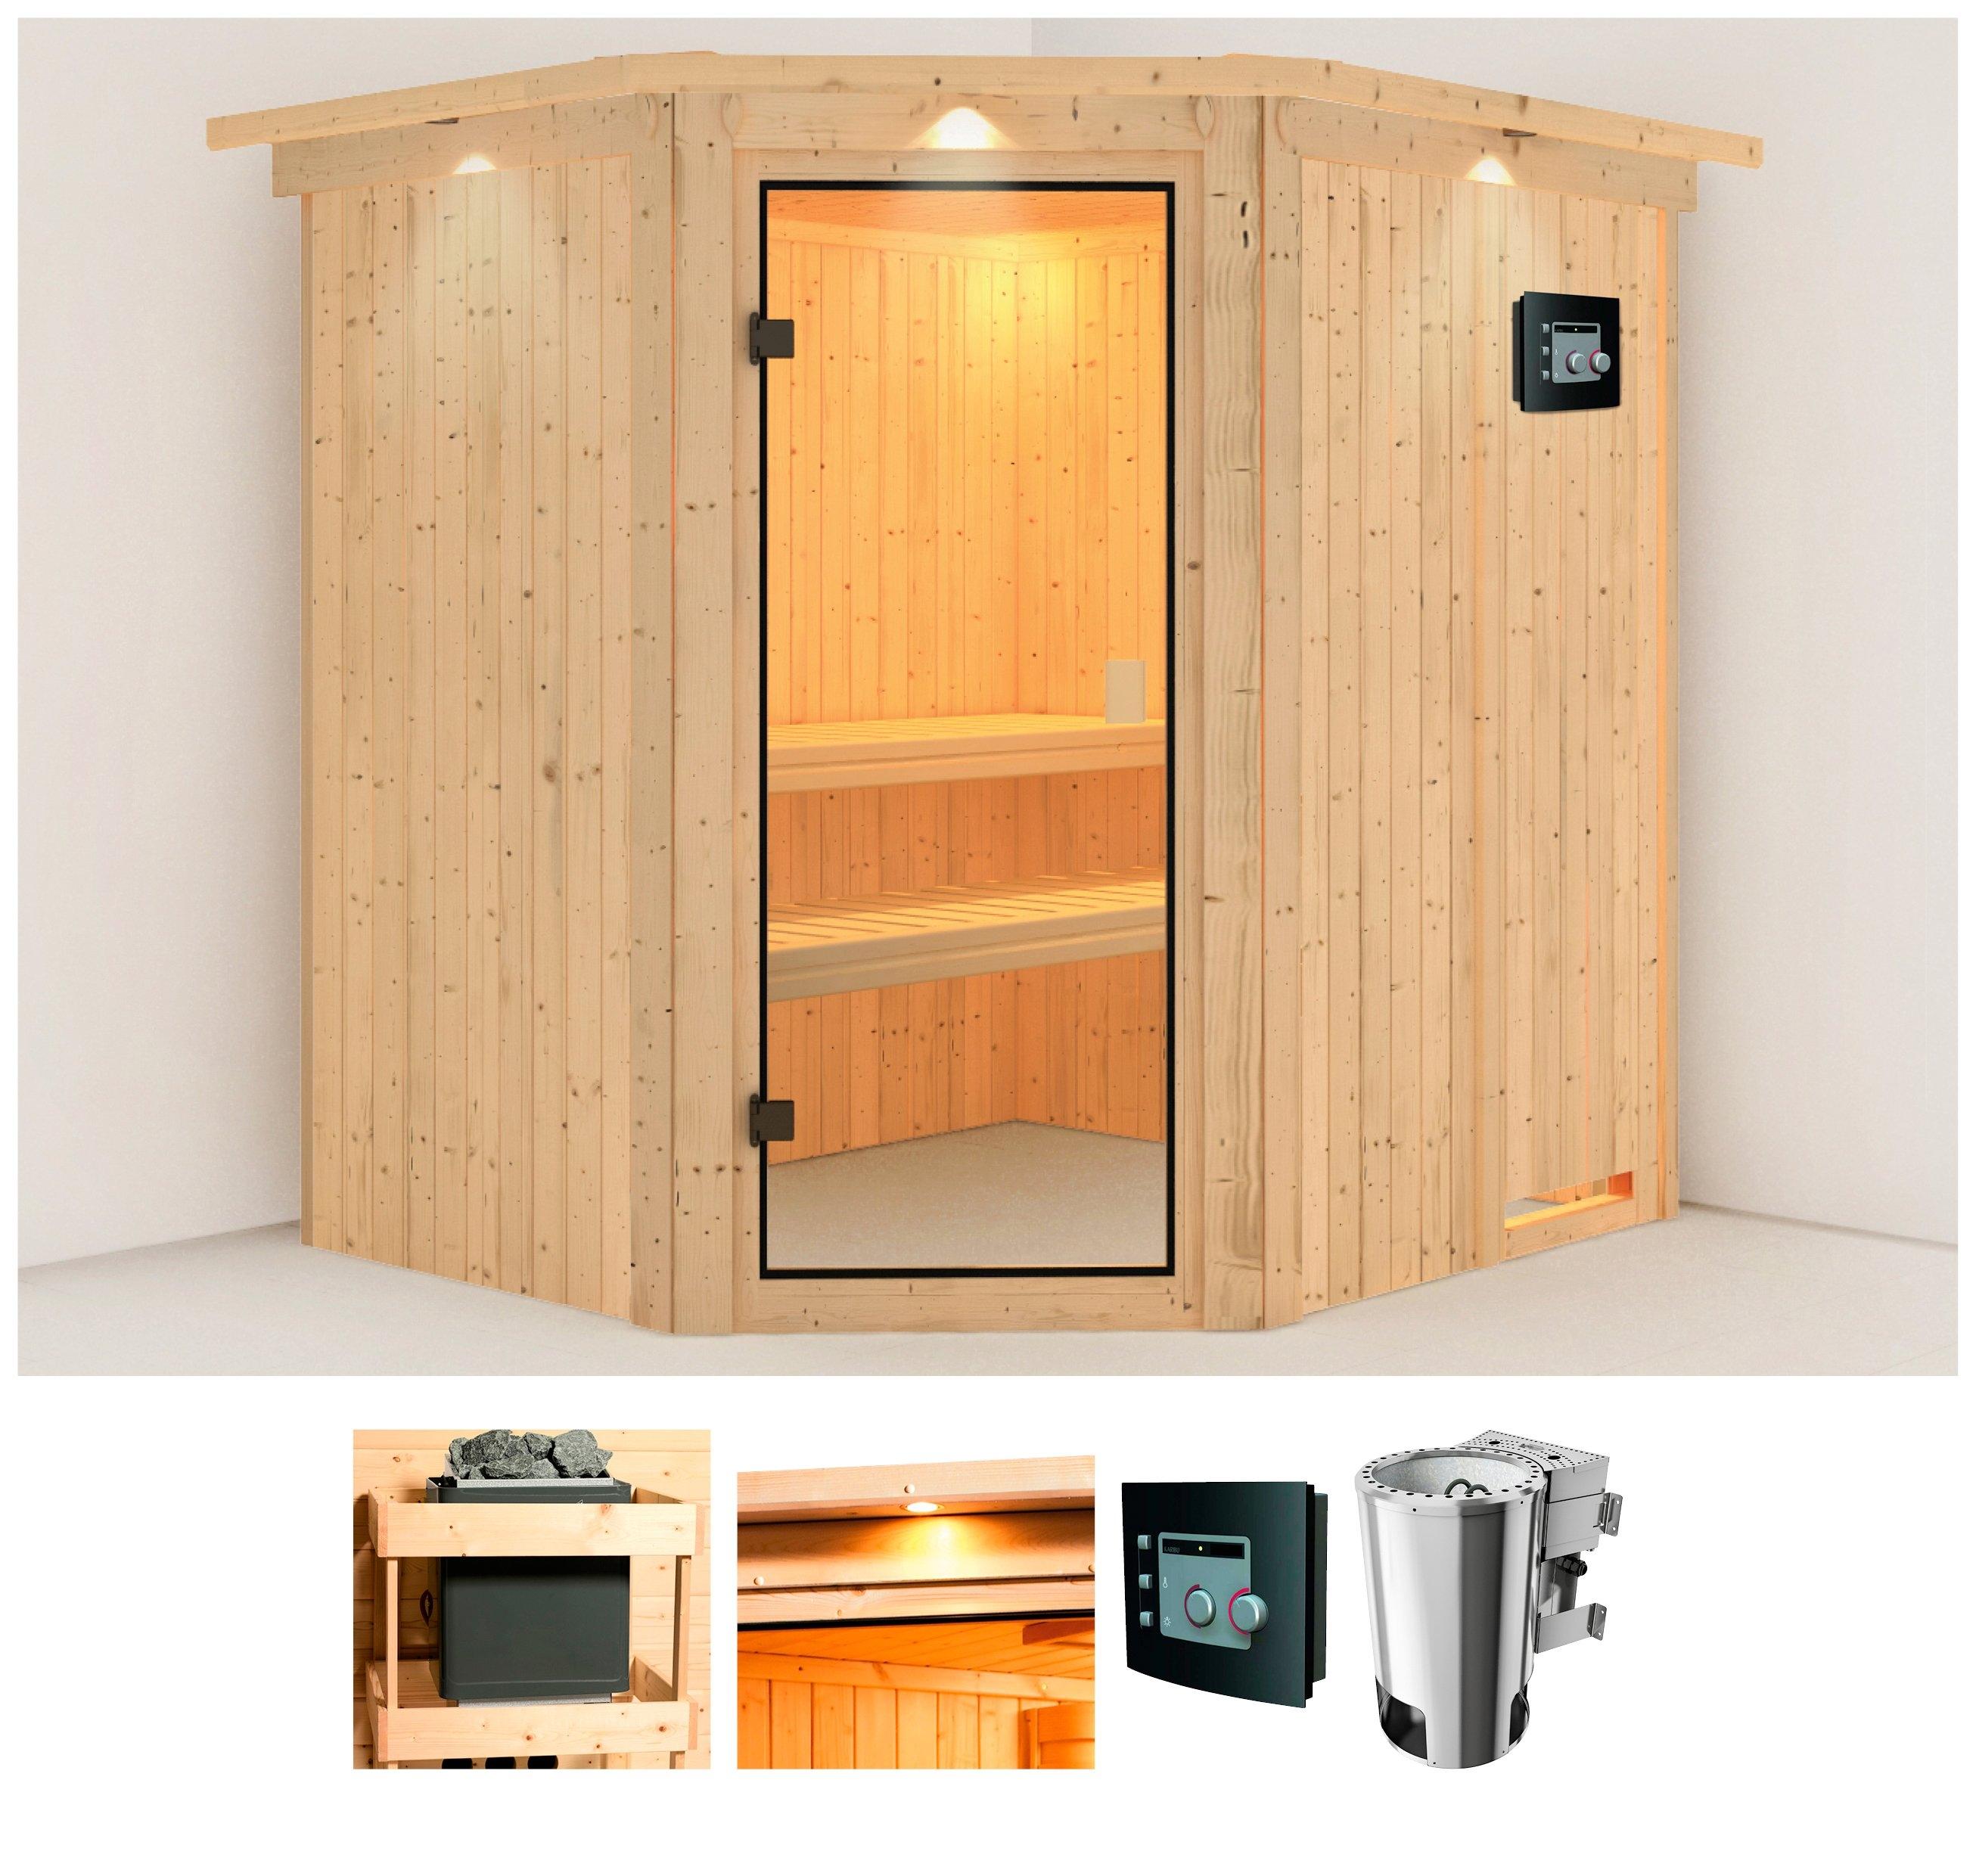 Karibu sauna »Holli«, 210x184x202 cm, 3,6 kW Plug & Play Bio-Ofen mit ext. Strg. - verschillende betaalmethodes